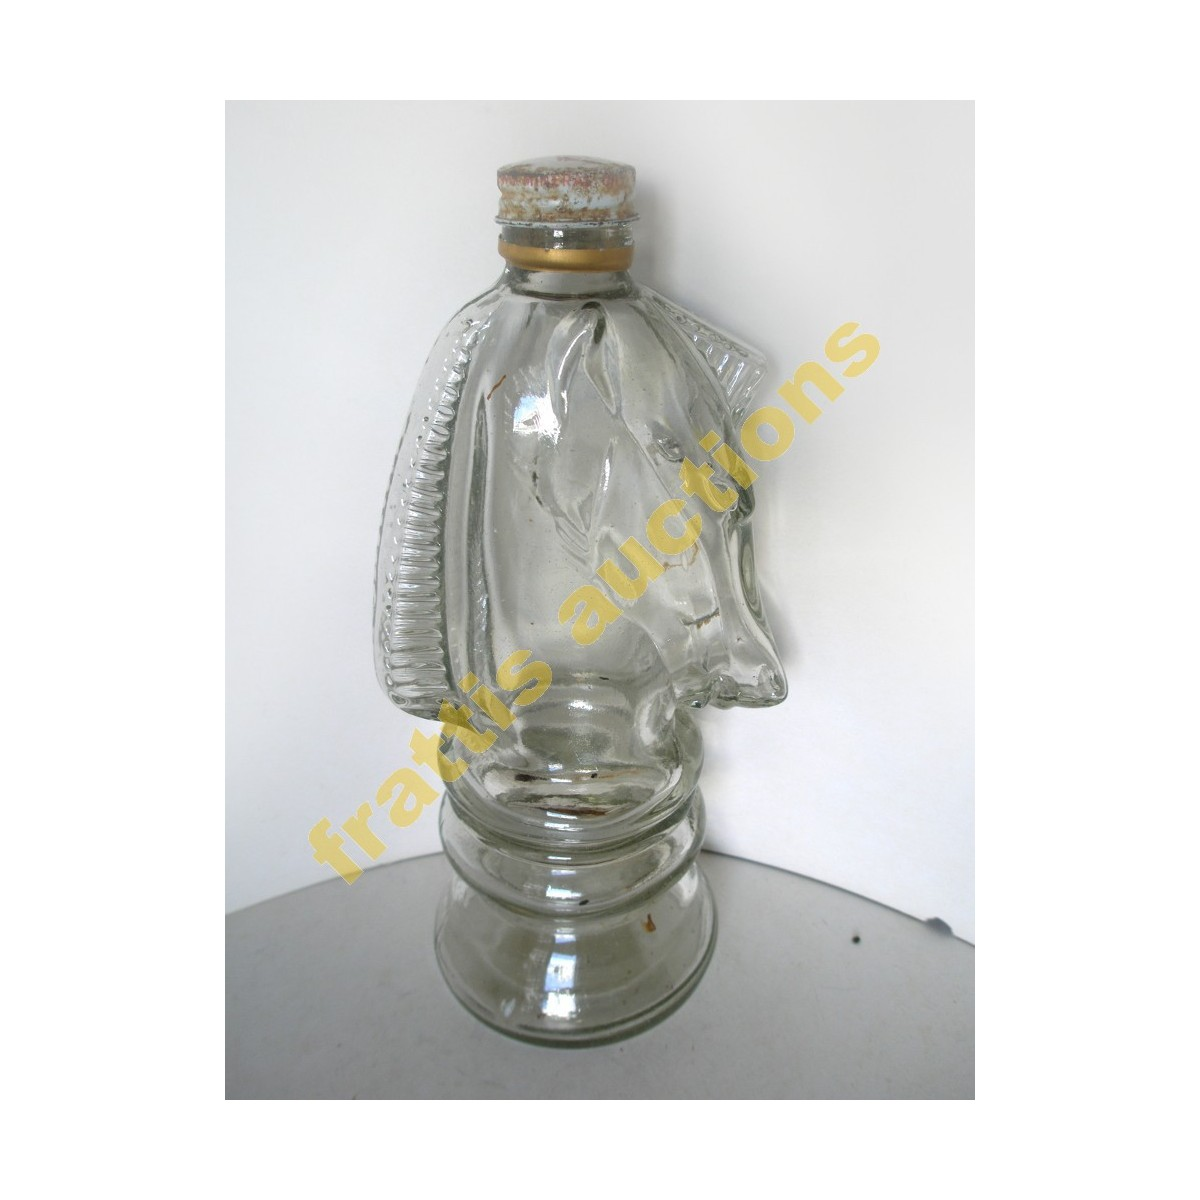 Γυάλινο μπουκάλι σχήμα αλόγου.